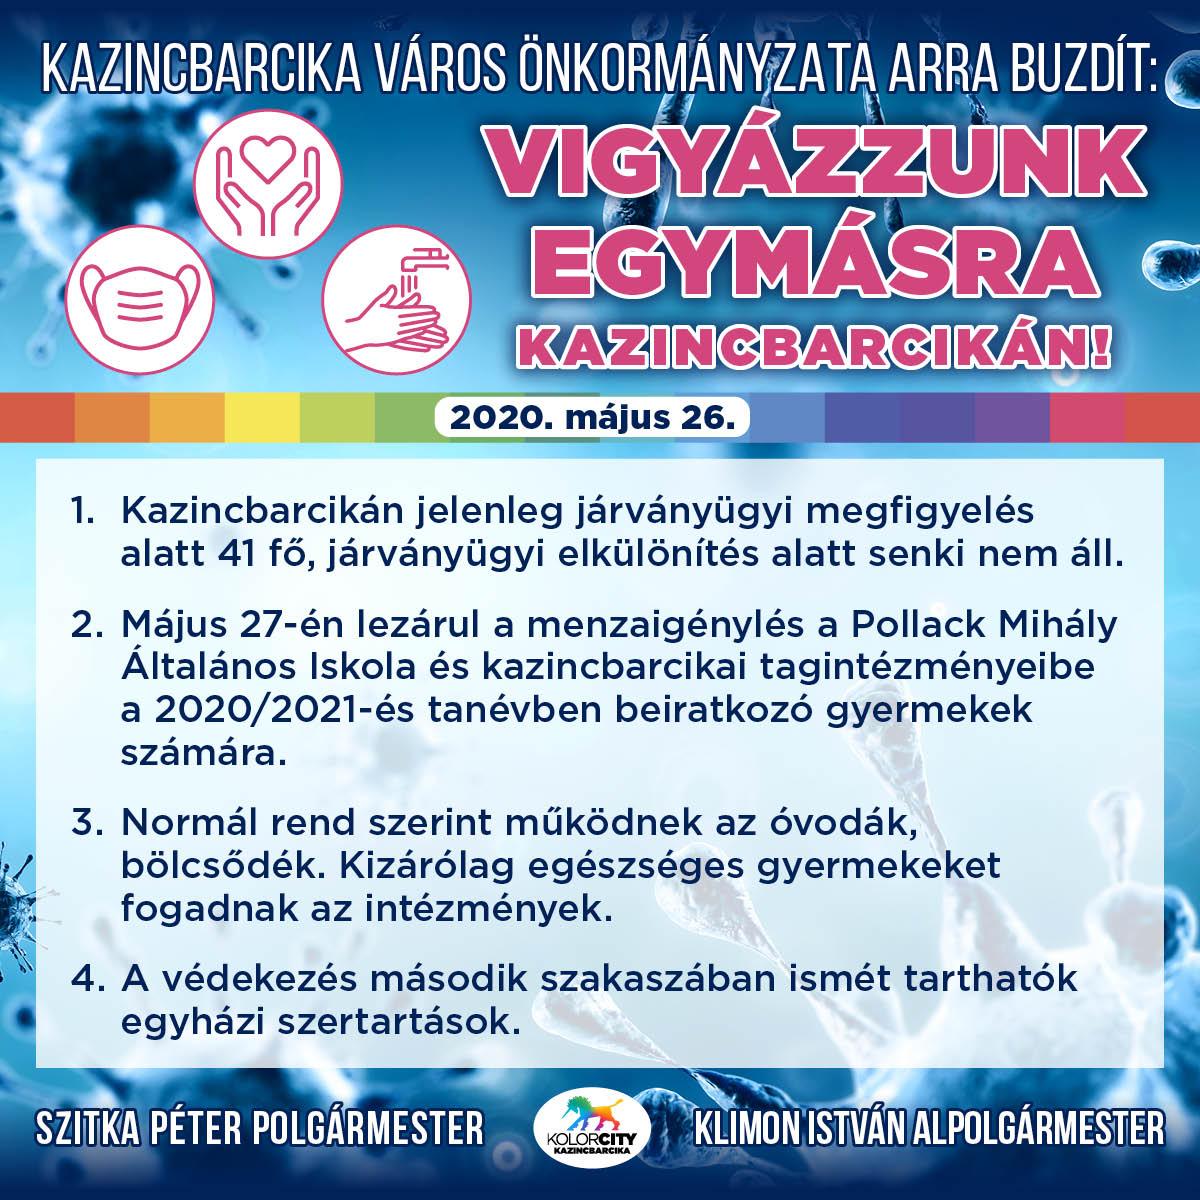 https://kolorline.hu/Vigyázzunk egymásra Kazincbarcikán! – 2020. május 26.